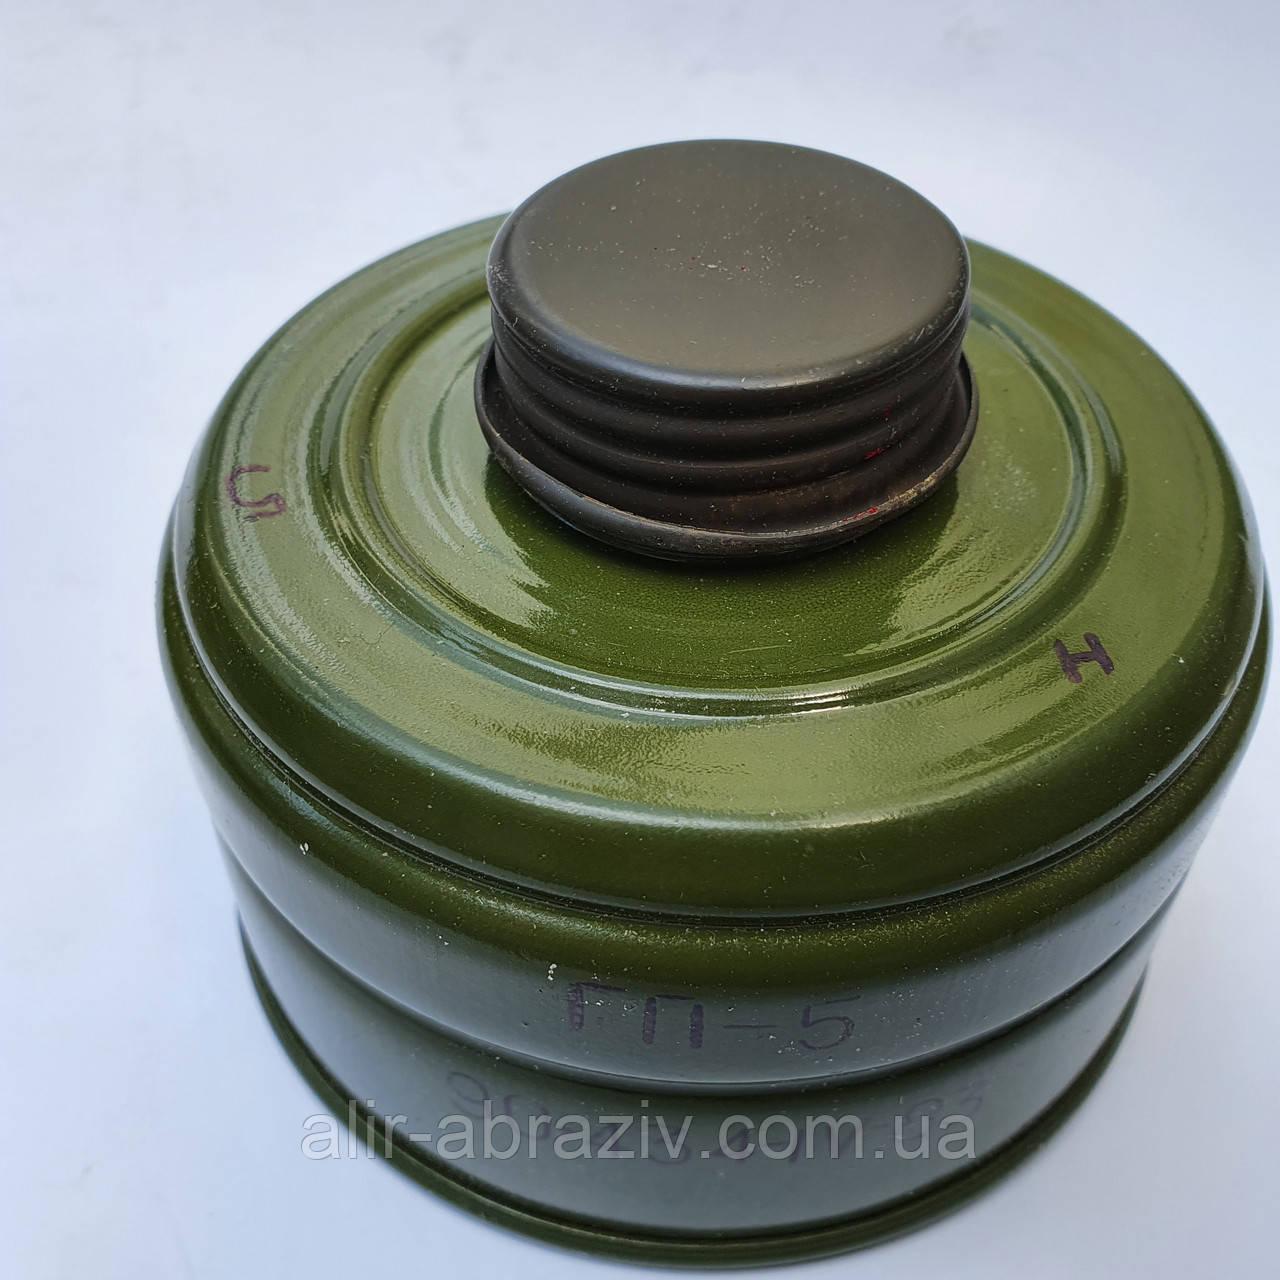 Фильтр угольный ГП5 к противогазу